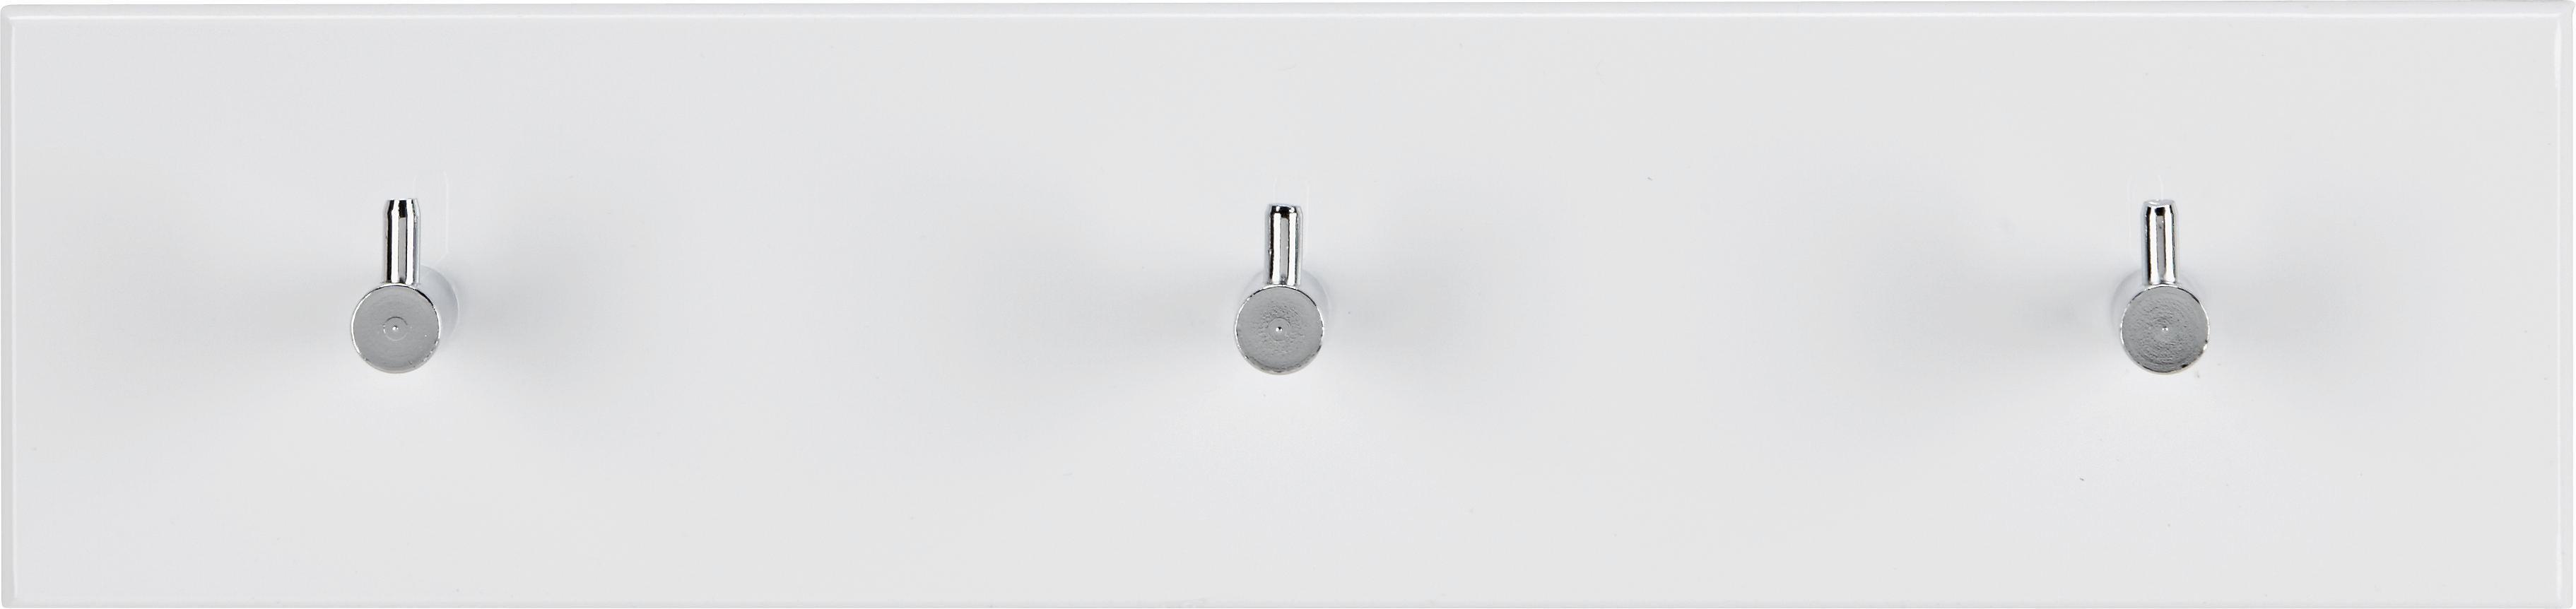 Wandgarderobe in Weiß Hochglanz - Chromfarben/Weiß, Holzwerkstoff/Metall (34/5/8cm) - MÖMAX modern living